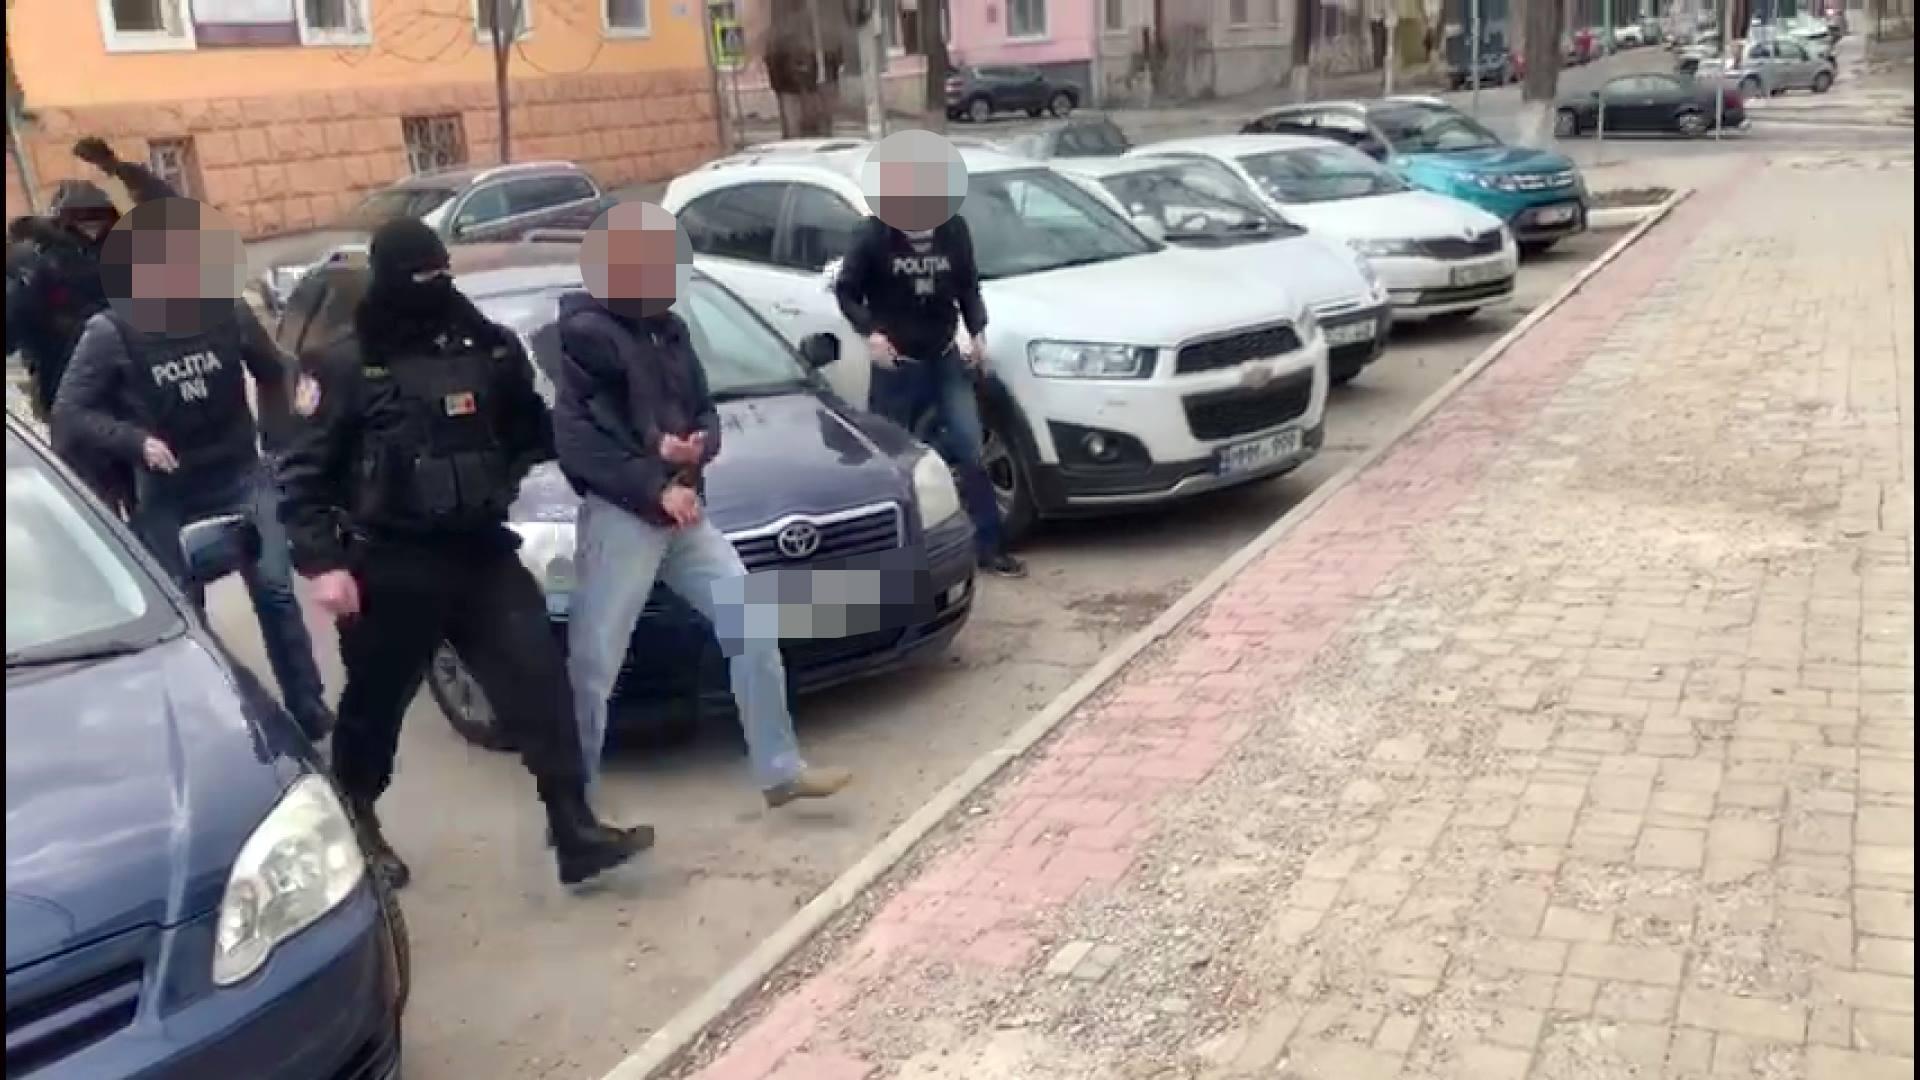 Un bărbat din R. Moldova, prin intermediul rețelelor sociale, a șantajat o cetățeancă a Germaniei